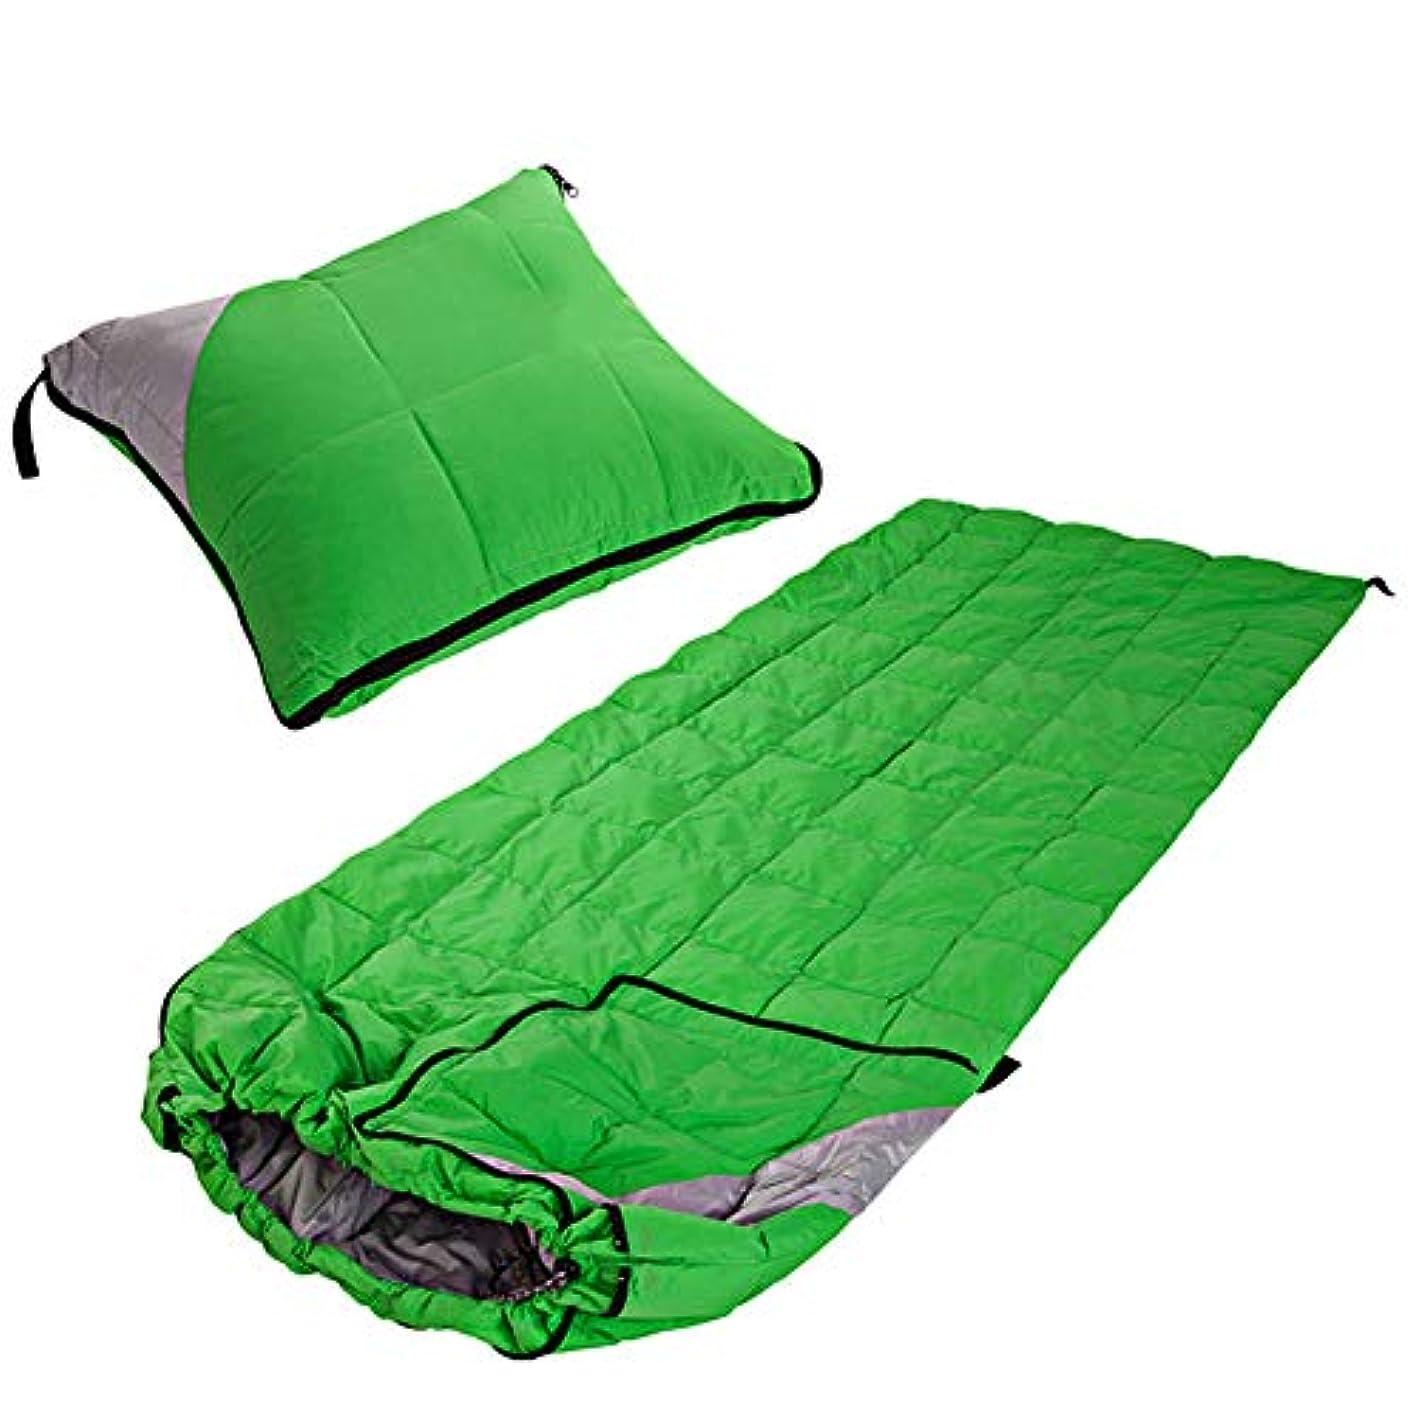 トムオードリース変成器トーナメント多機能寝袋屋外製品キャンプ大人の枕超軽量ポータブルキャンプ